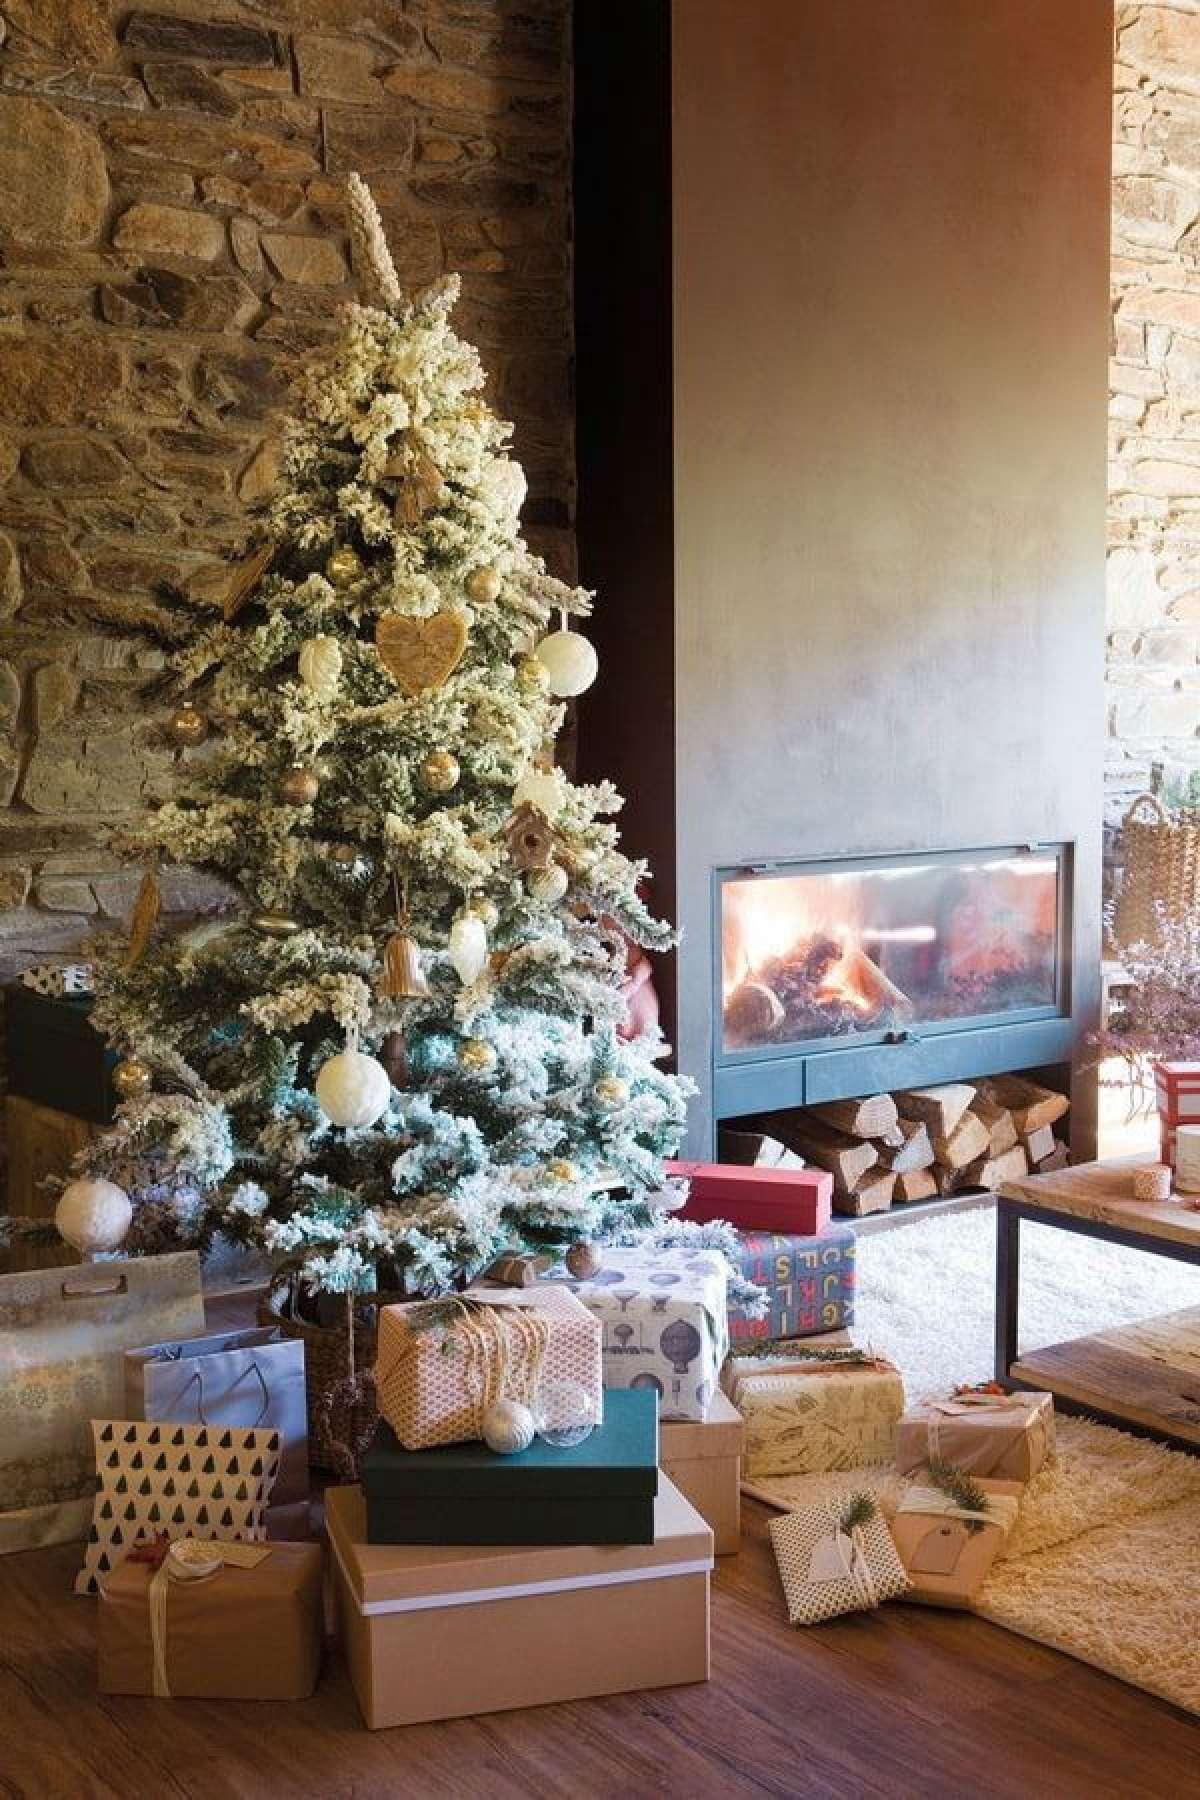 Sorprendentes ideas para decorar el árbol de Navidad 7